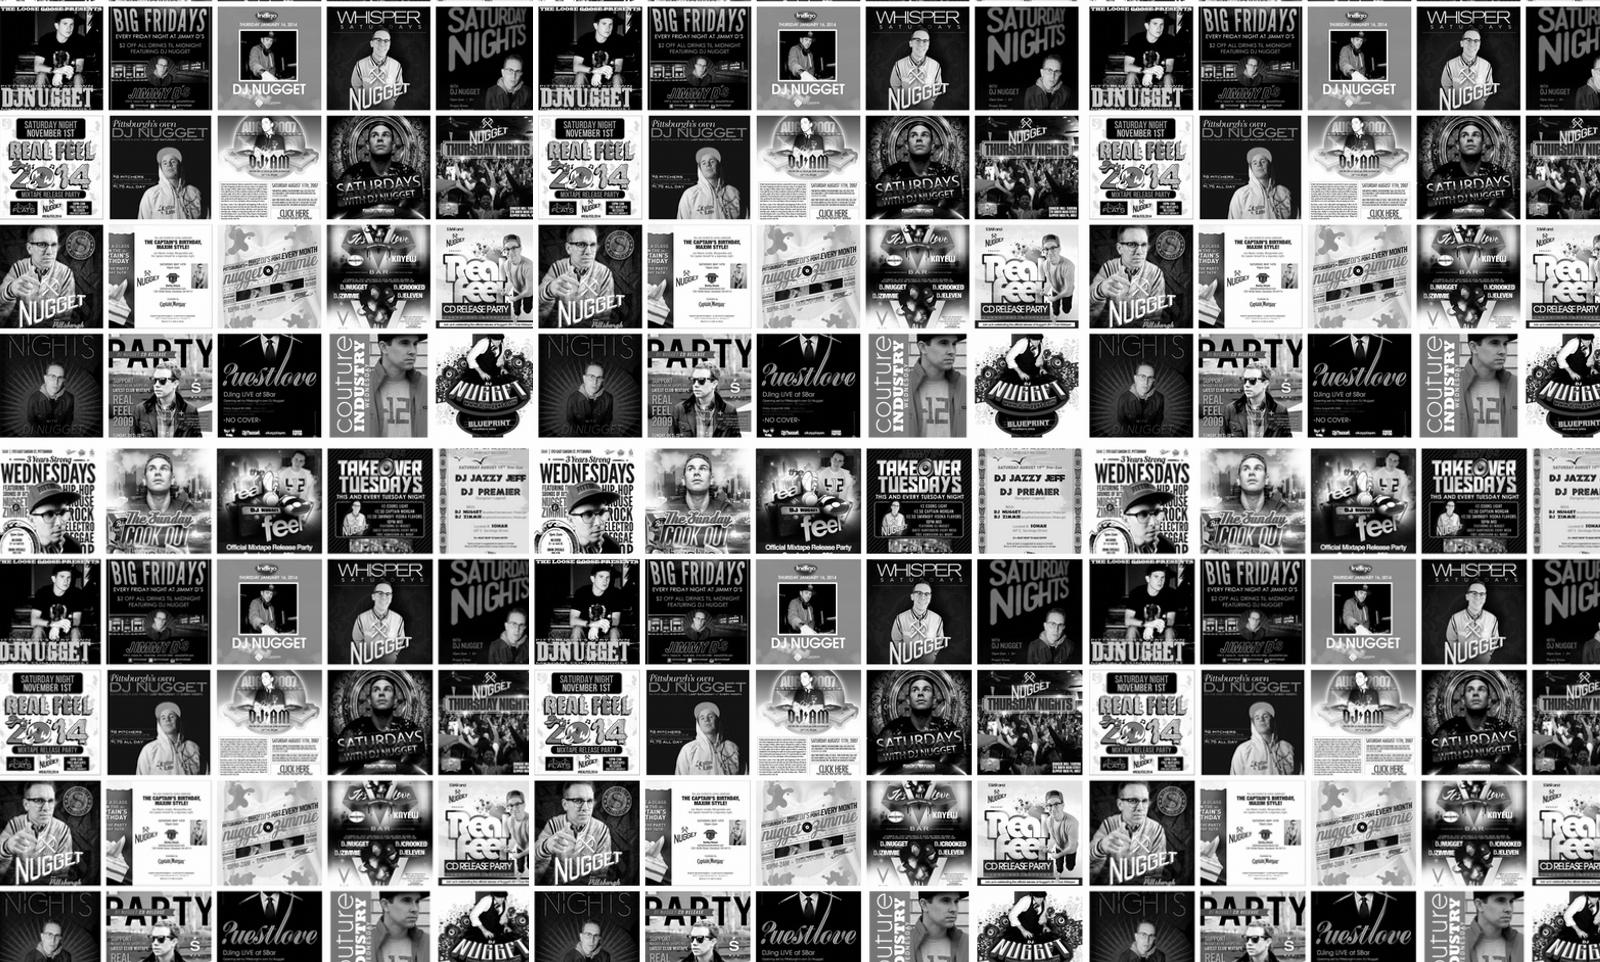 Website Background 2014 Black & White.jpg